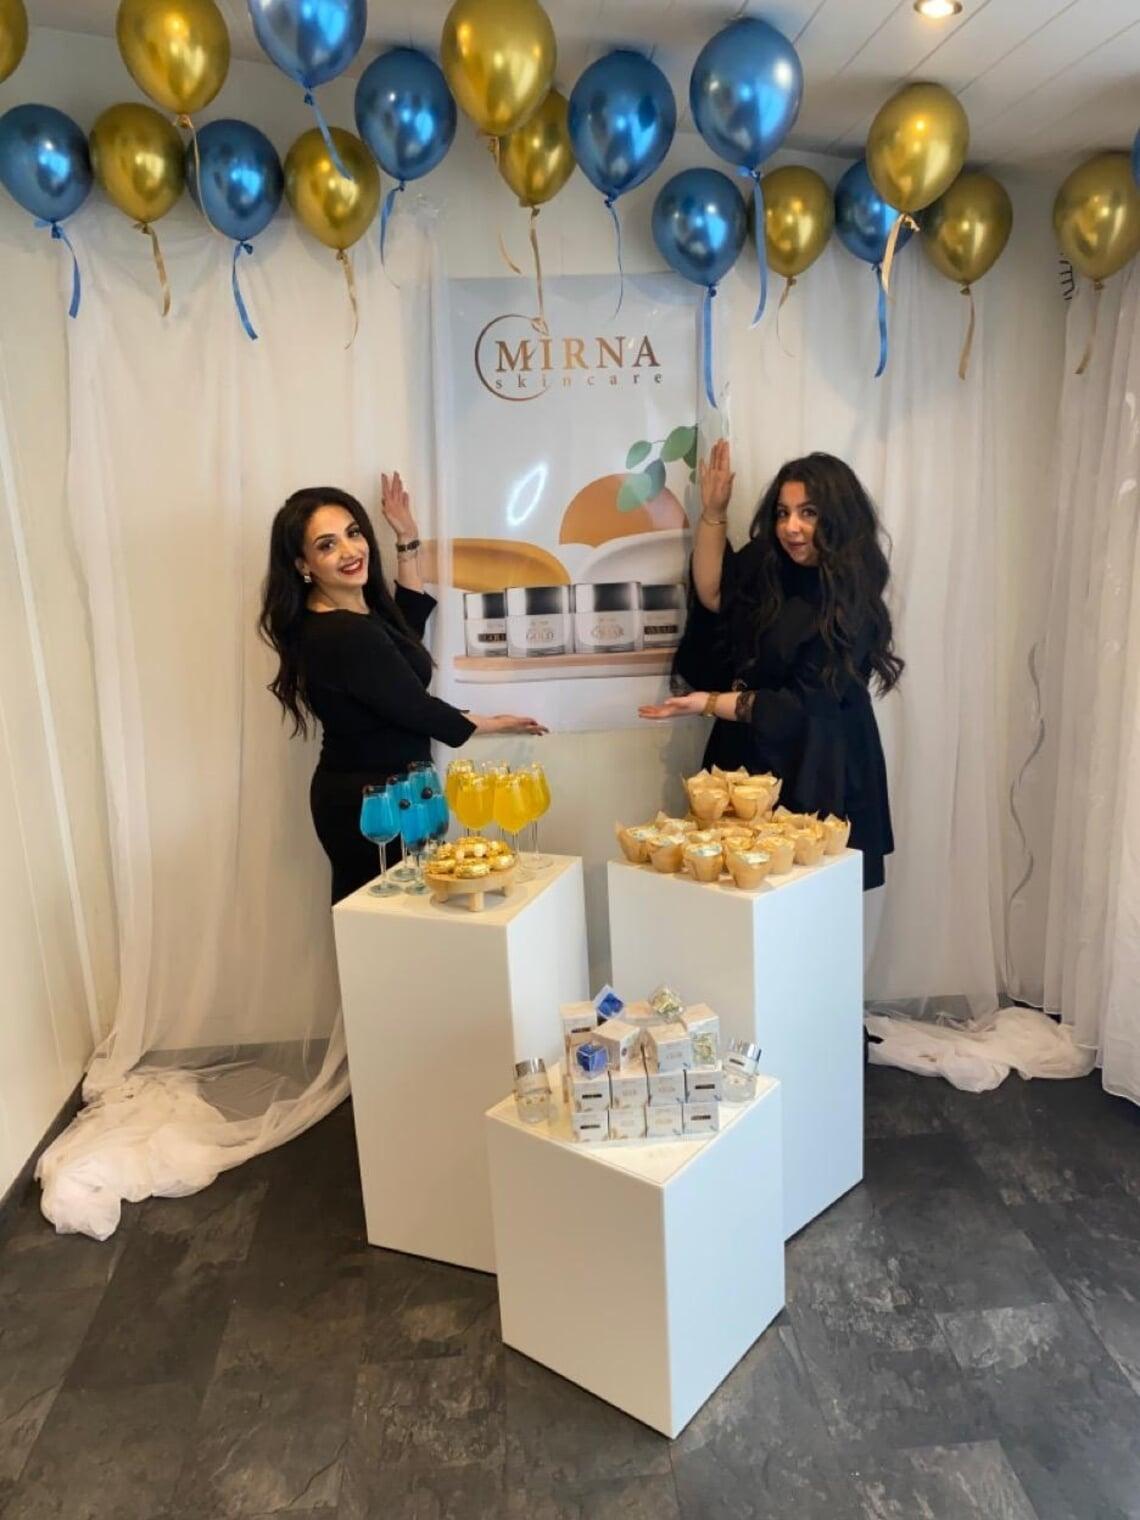 Mirna (l.) en Maria tijdens de lancering van hun cosmeticamerk.